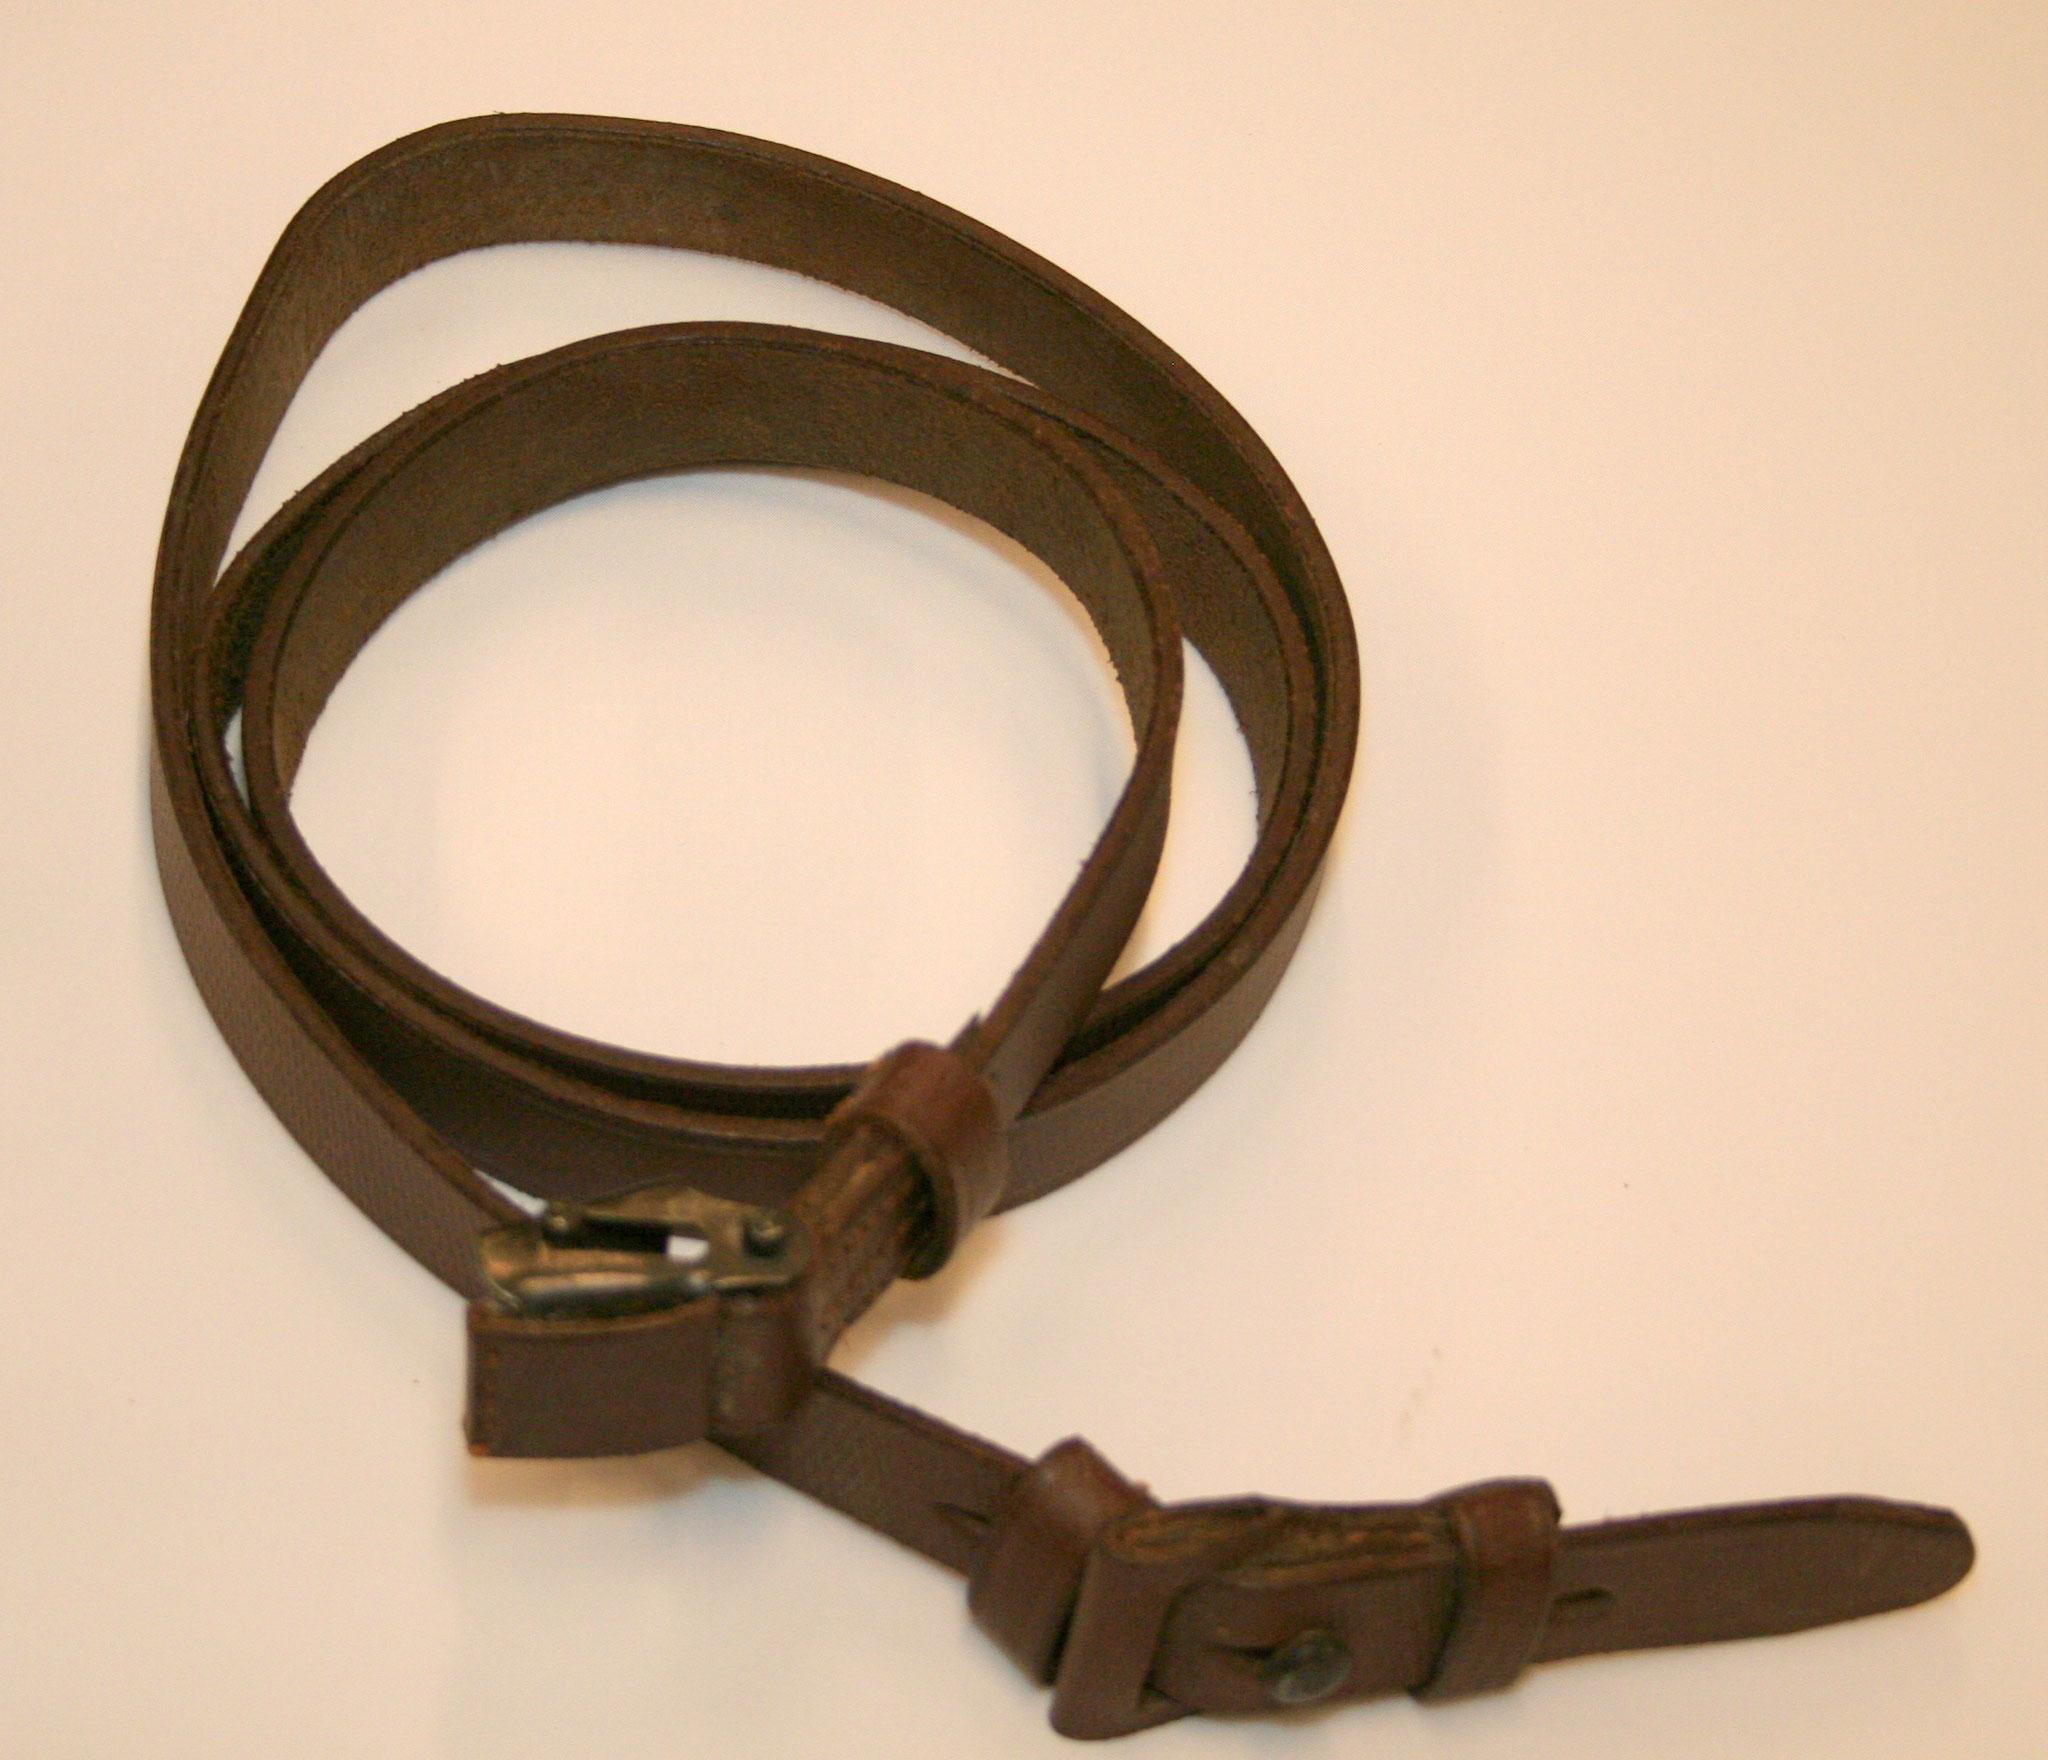 K98 sling (kopie). € 25,-